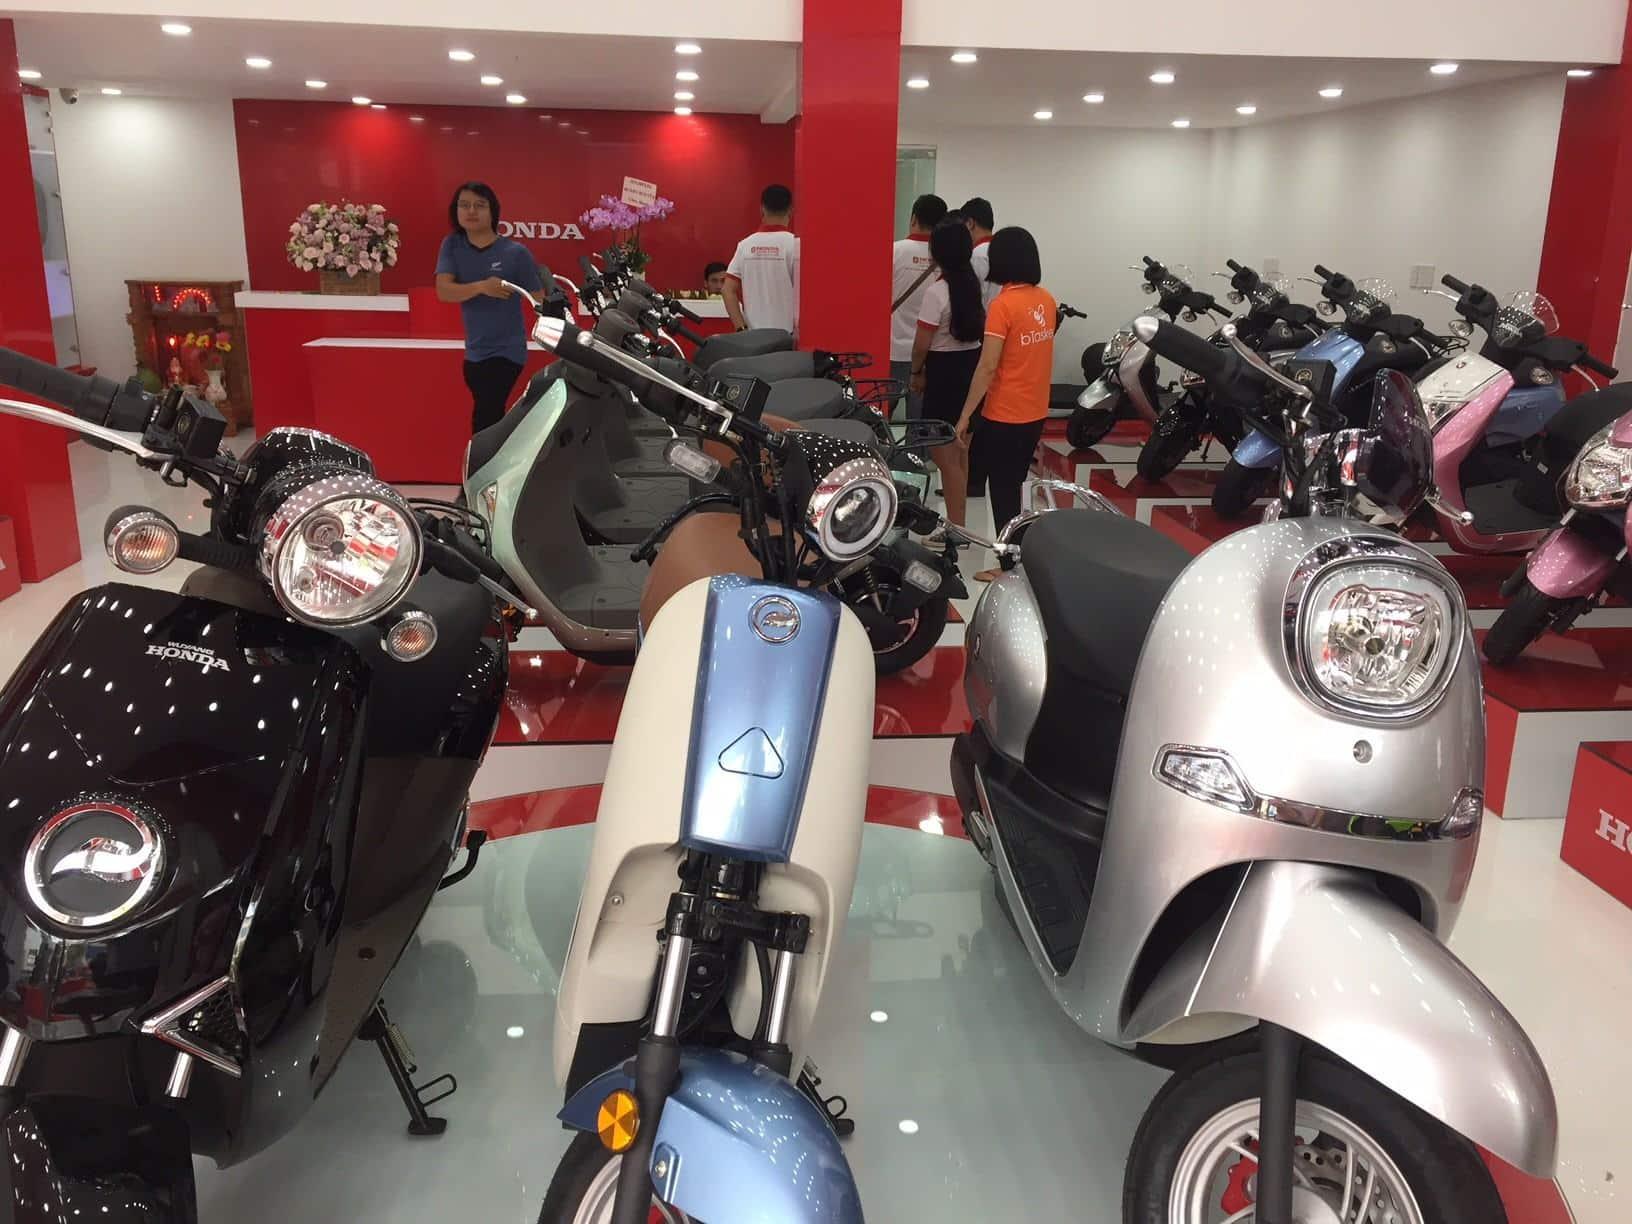 Khai trương cửa hàng xe máy điện Honda tại TP HCM - Báo Người lao động